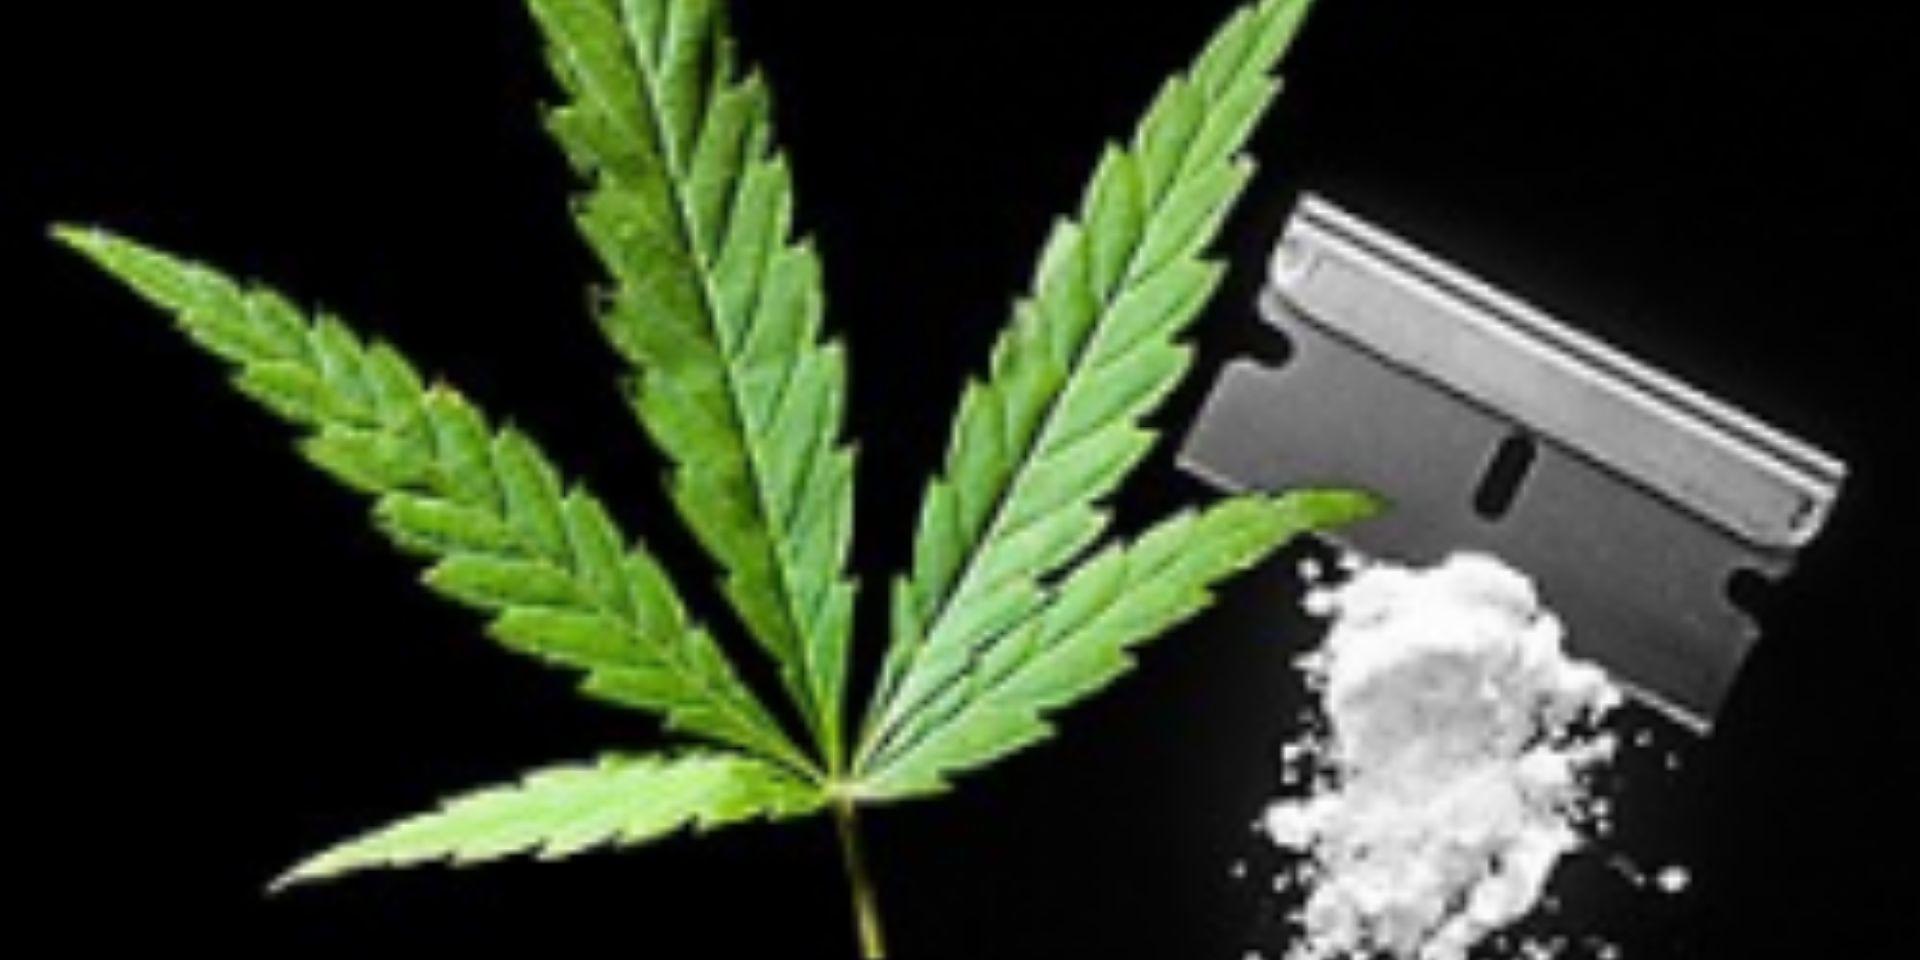 Uso de maconha para o tratamento de dependência em cocaína: estudo é contestado